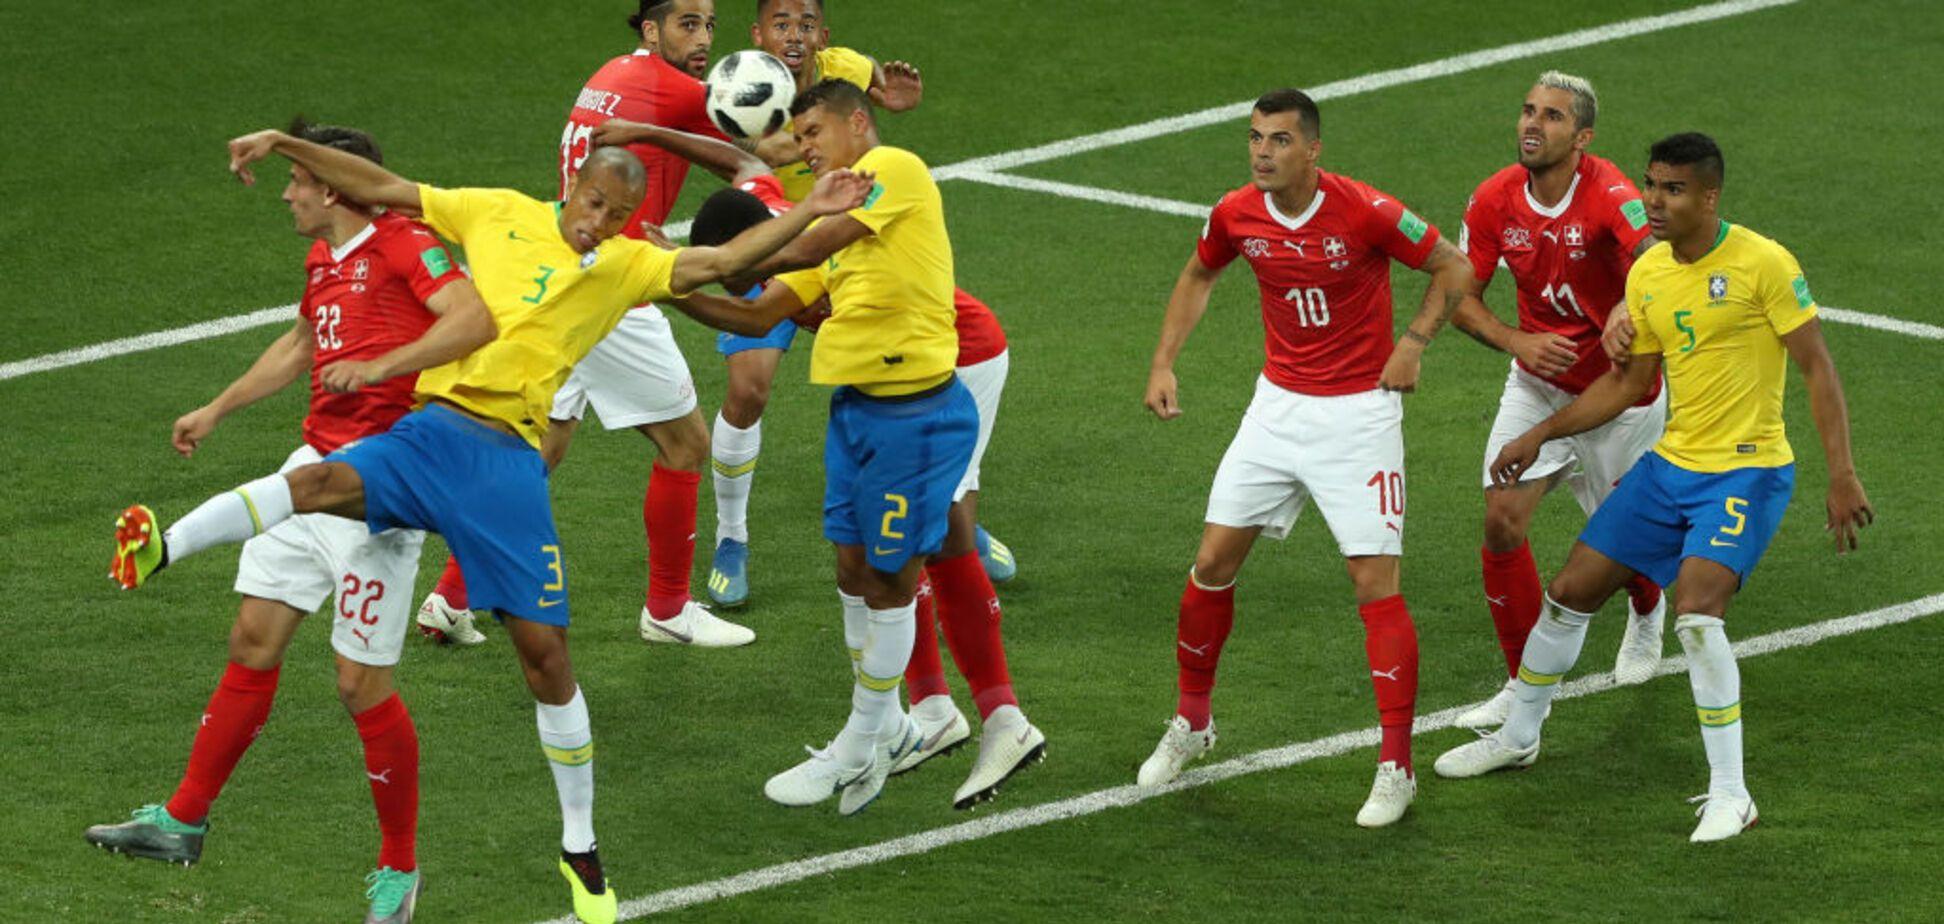 Бразилія - Коста-Ріка - 2-0: онлайн-трансляція матчу ЧС-2018